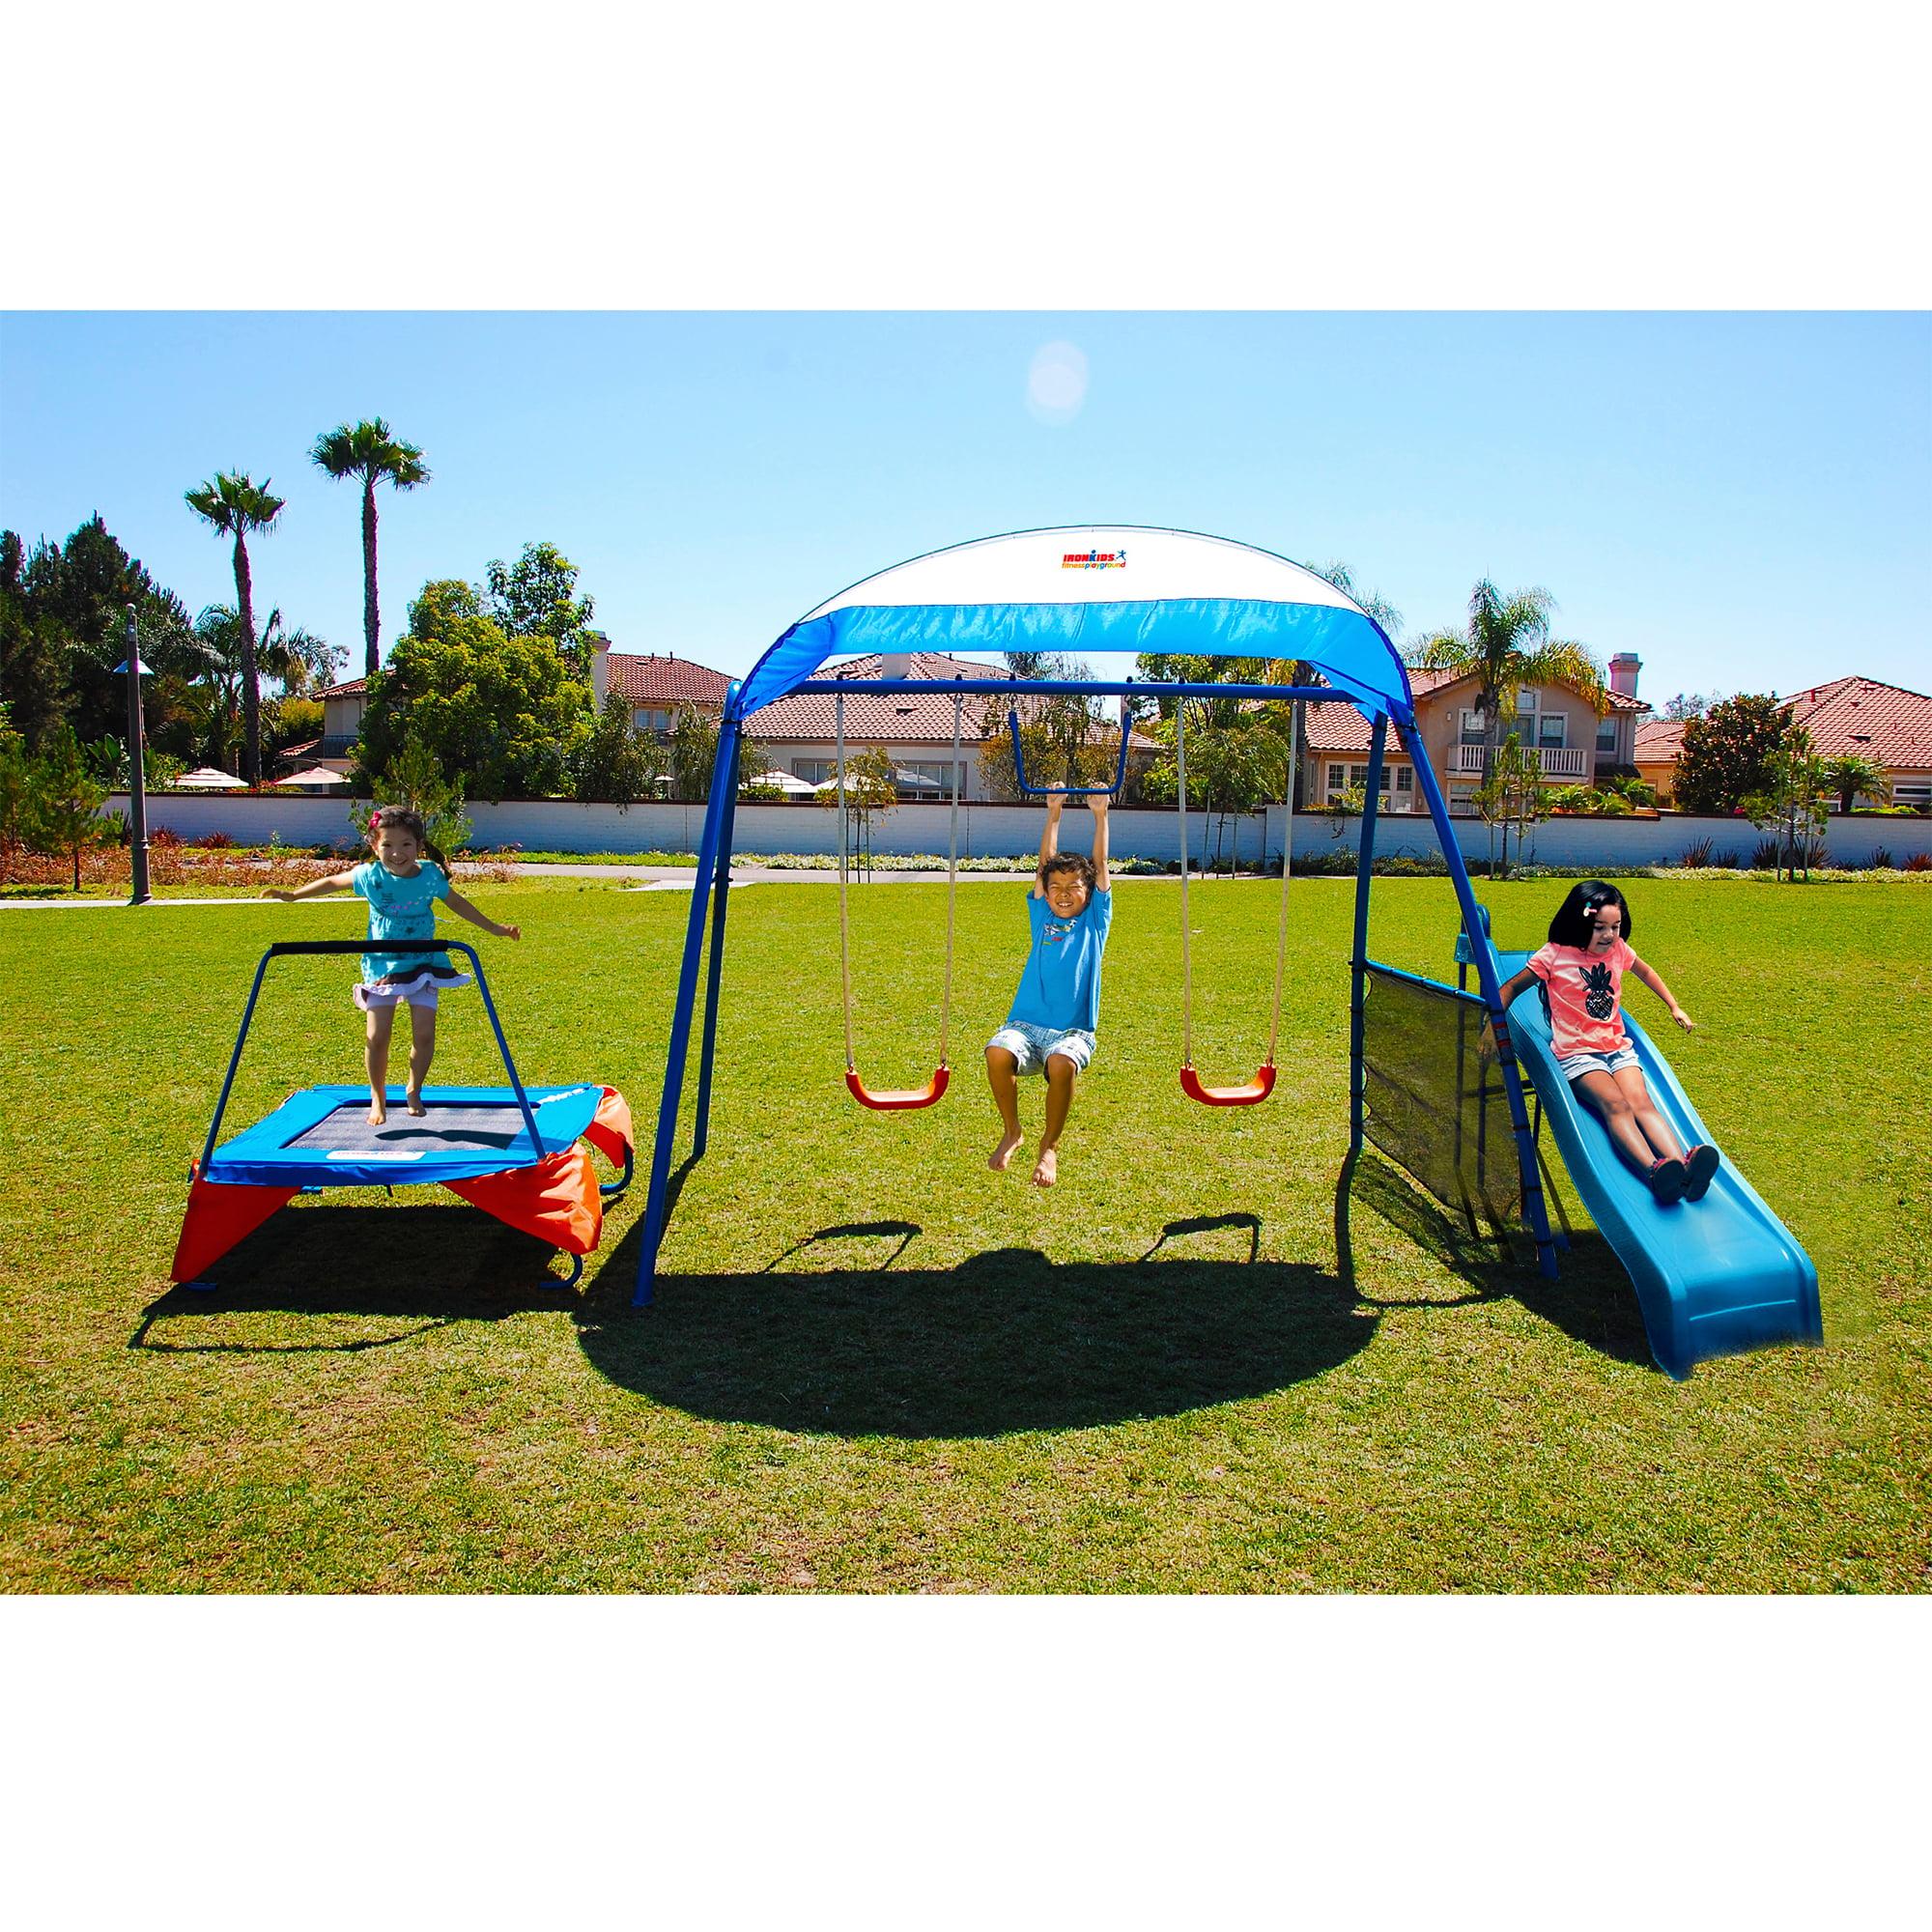 Details About Outdoor Swing Set Slide Trampoline Playground Backyard Metal Toddler Kids Fun